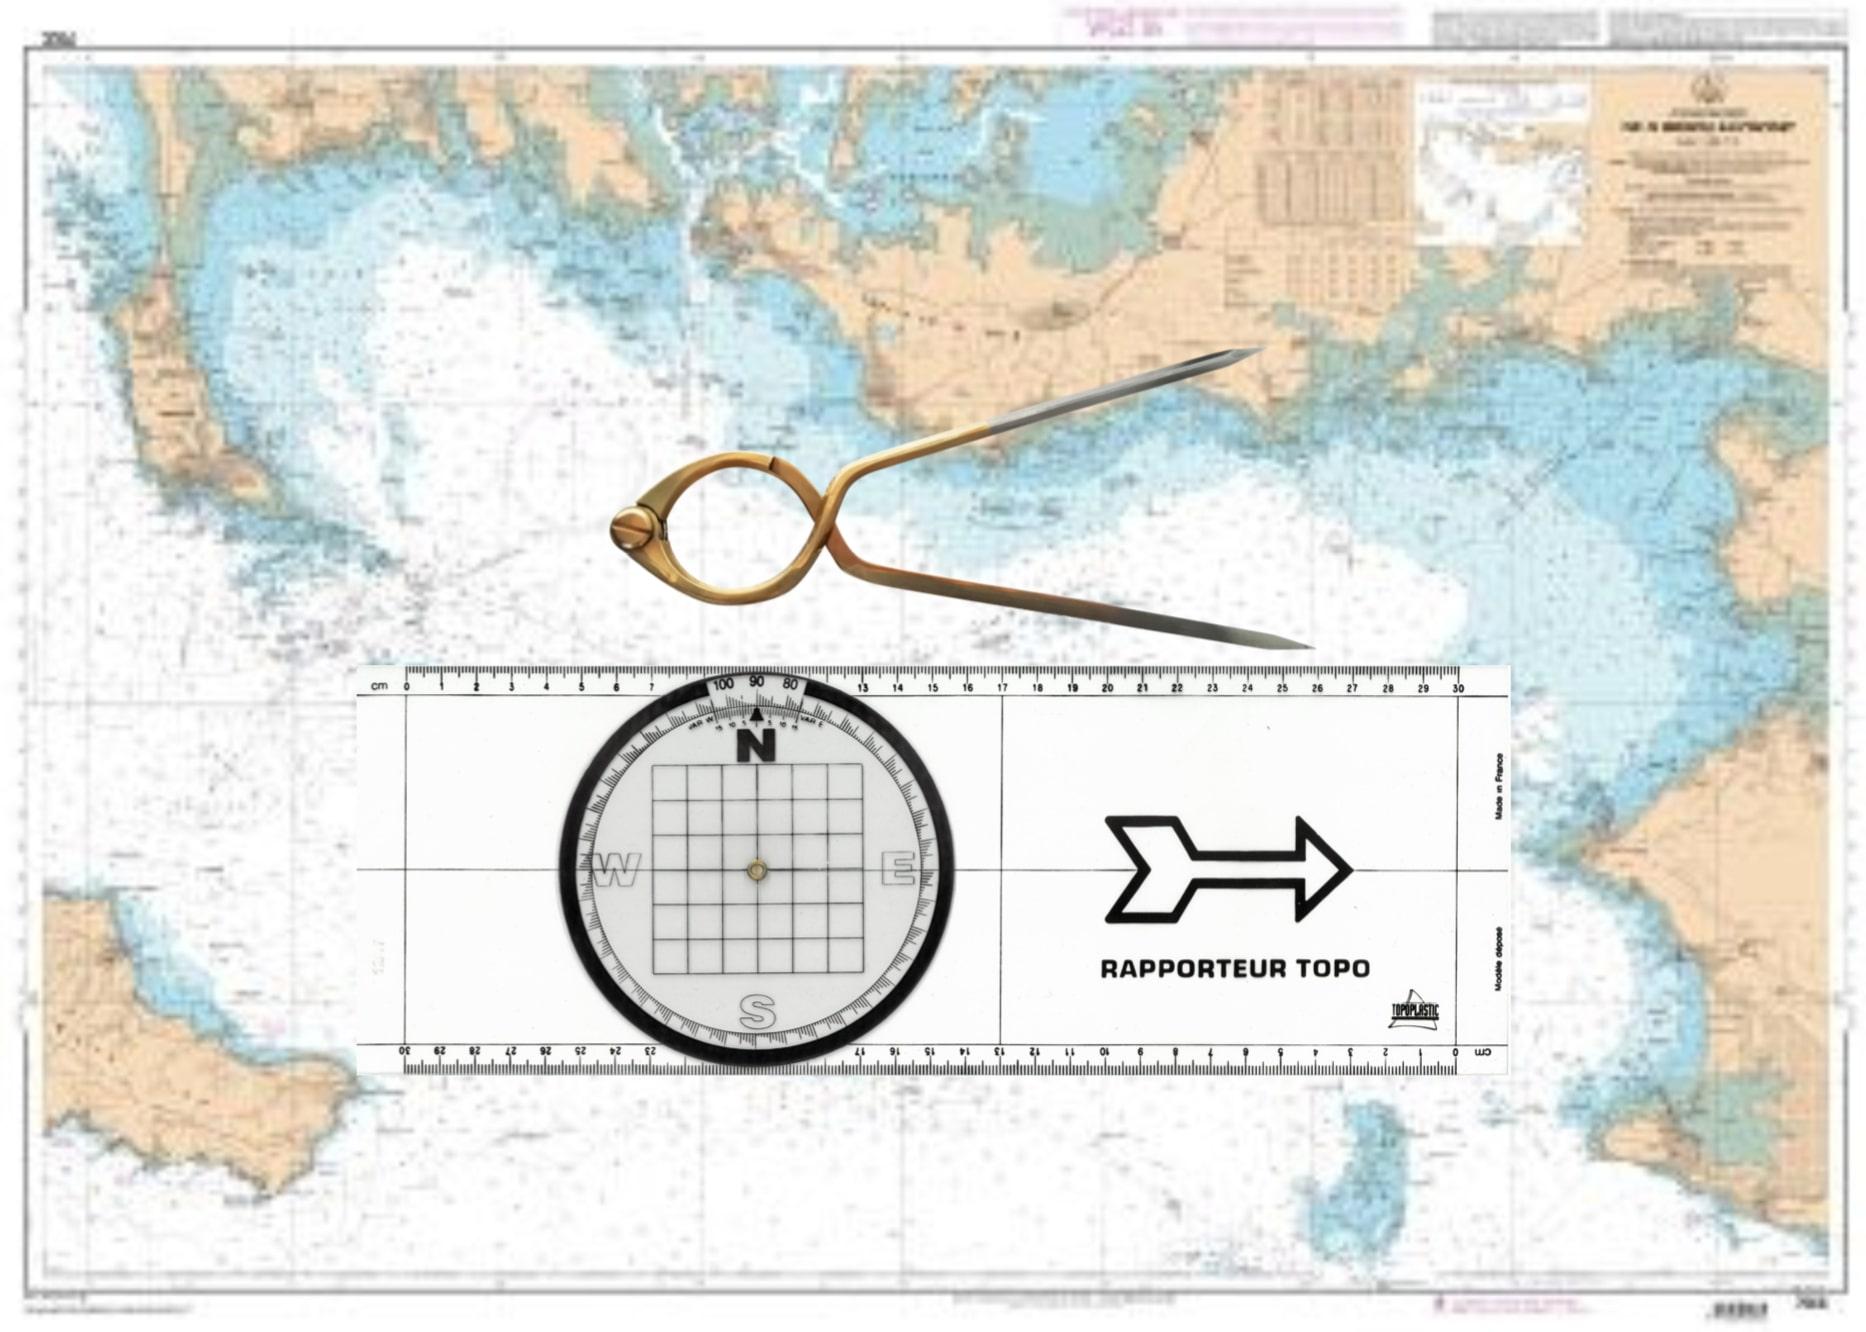 Kit matériel permis hauturier (règle rapporteur + compas lyre)